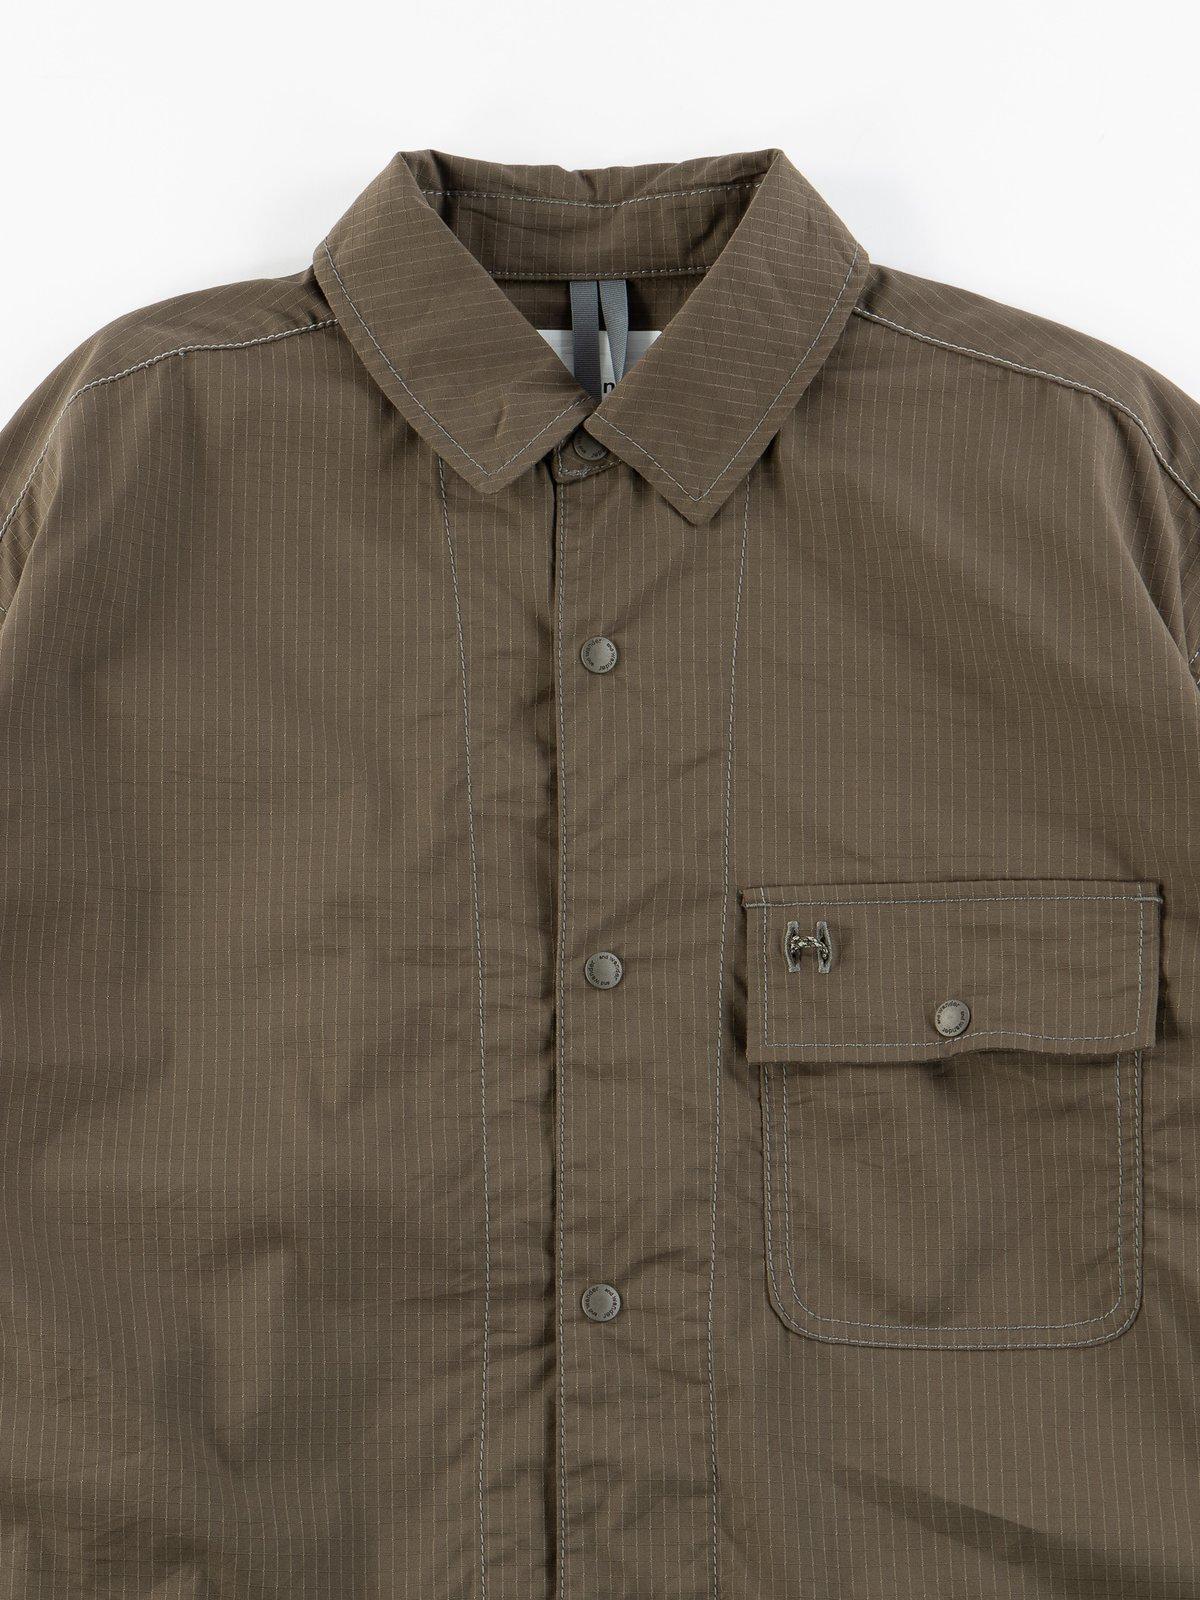 Khaki Dry Rip Shirt - Image 4